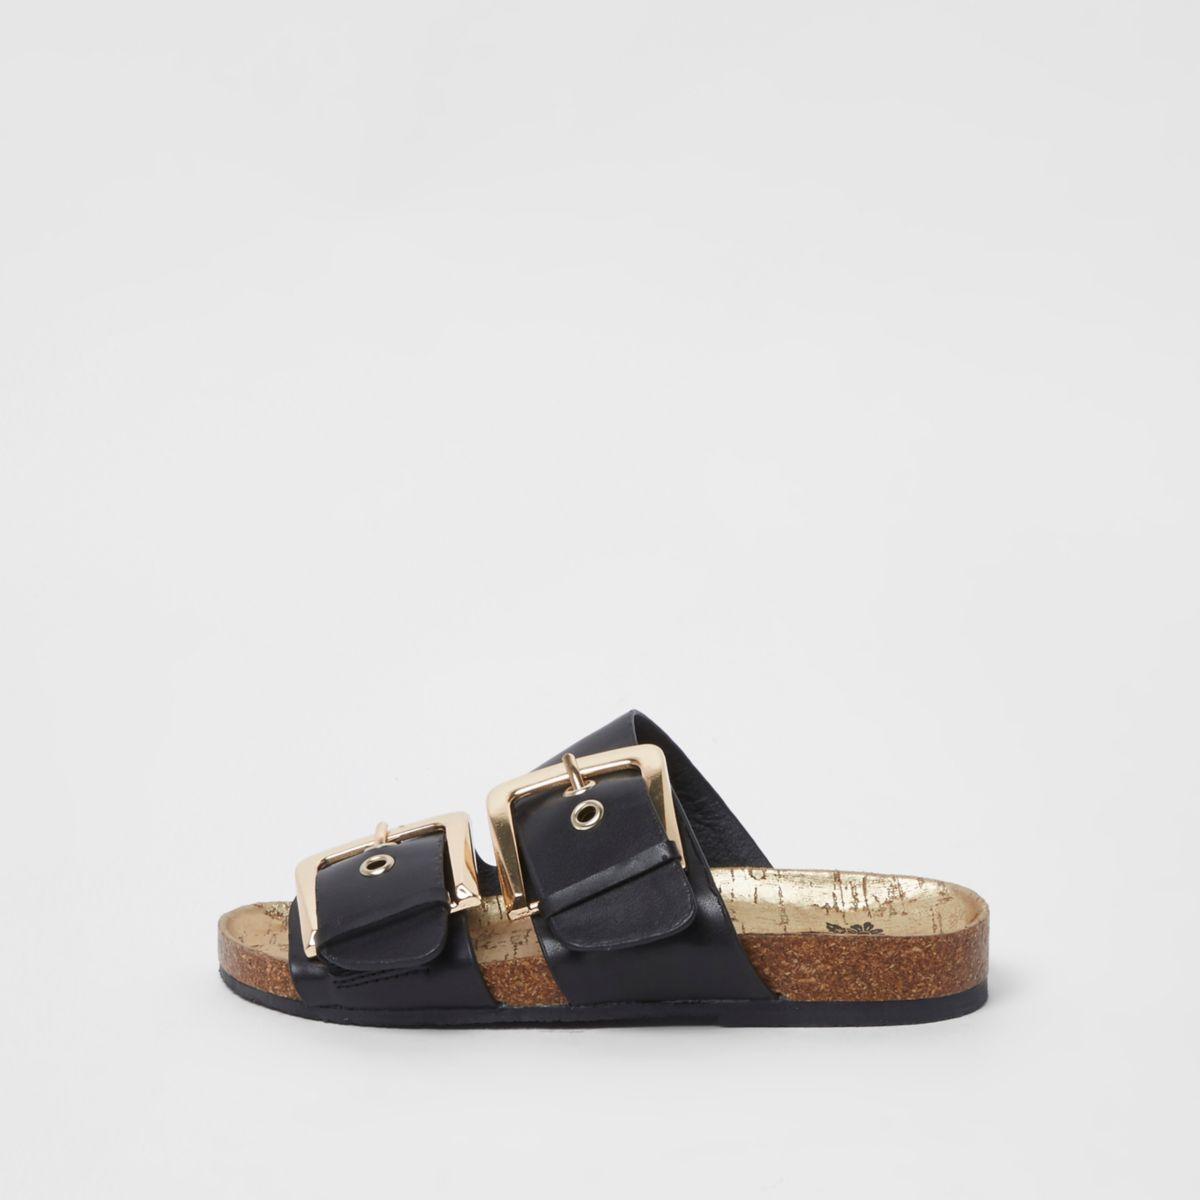 Schwarze Sandalen mit zwei goldfarbenen Schnallen